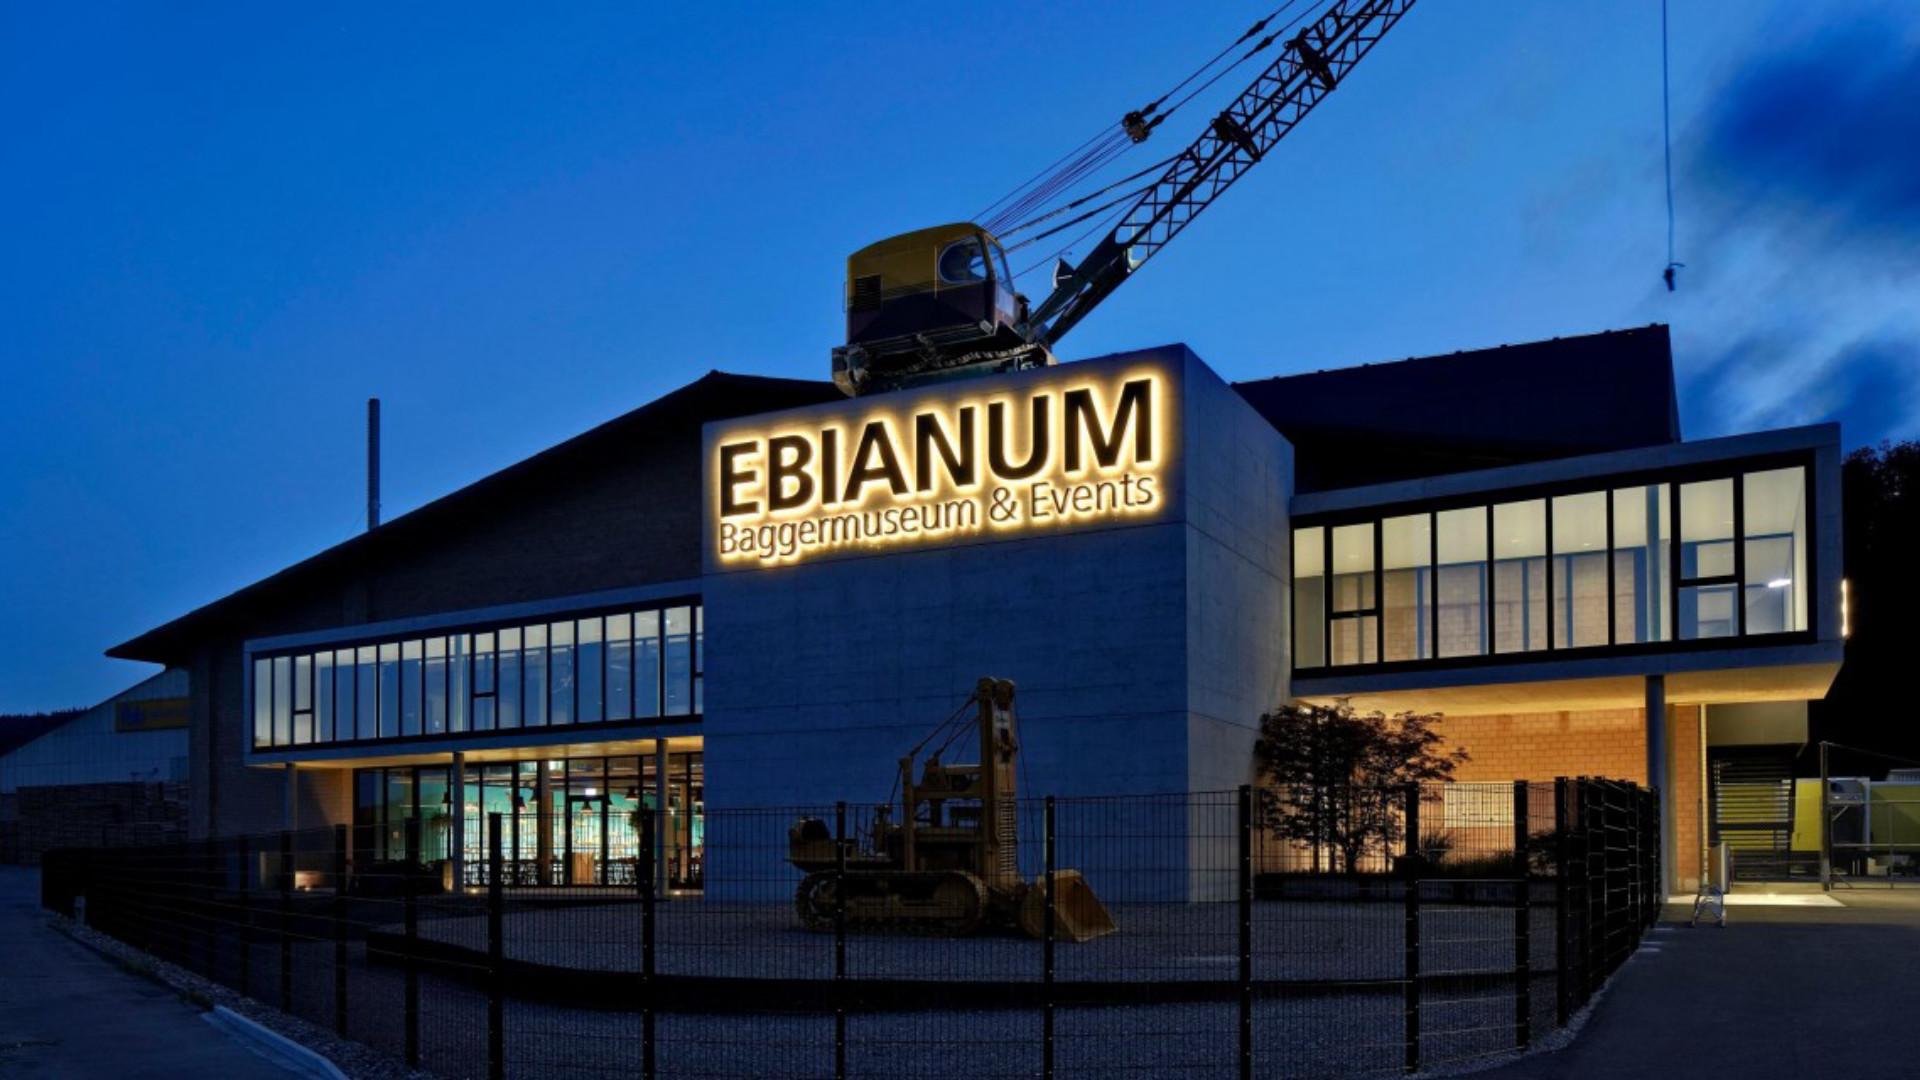 EBIANUM Baggermuseum & Events